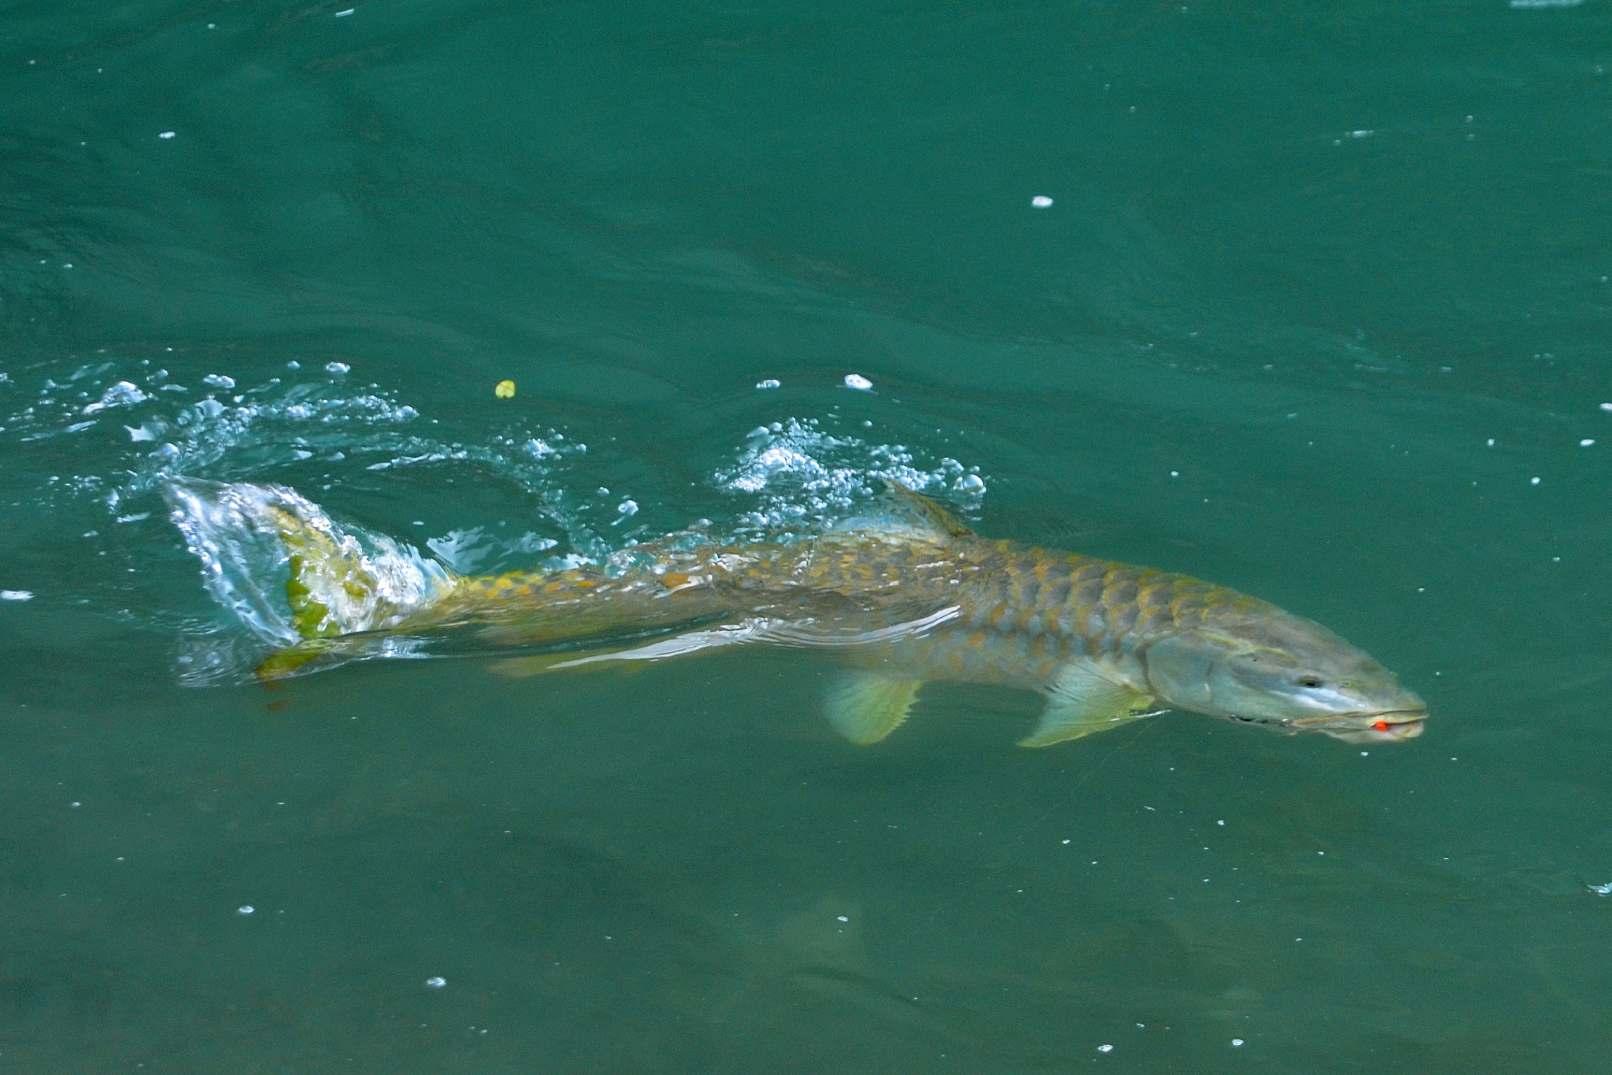 Budhigandaki River Fishing